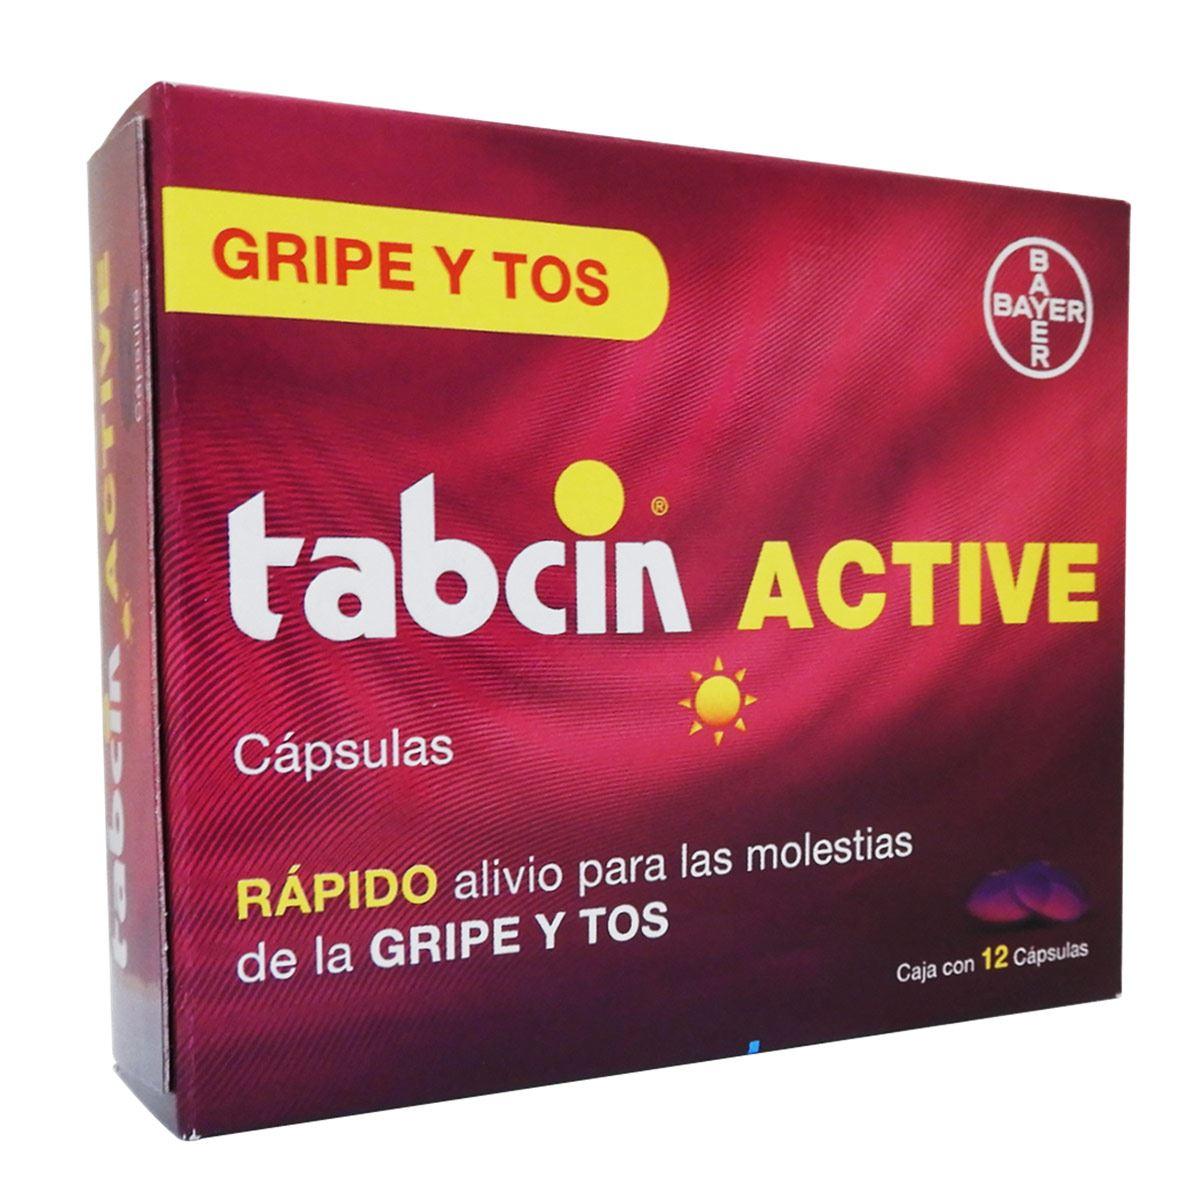 Tabcin-active Cápsulas Gripe y Tos